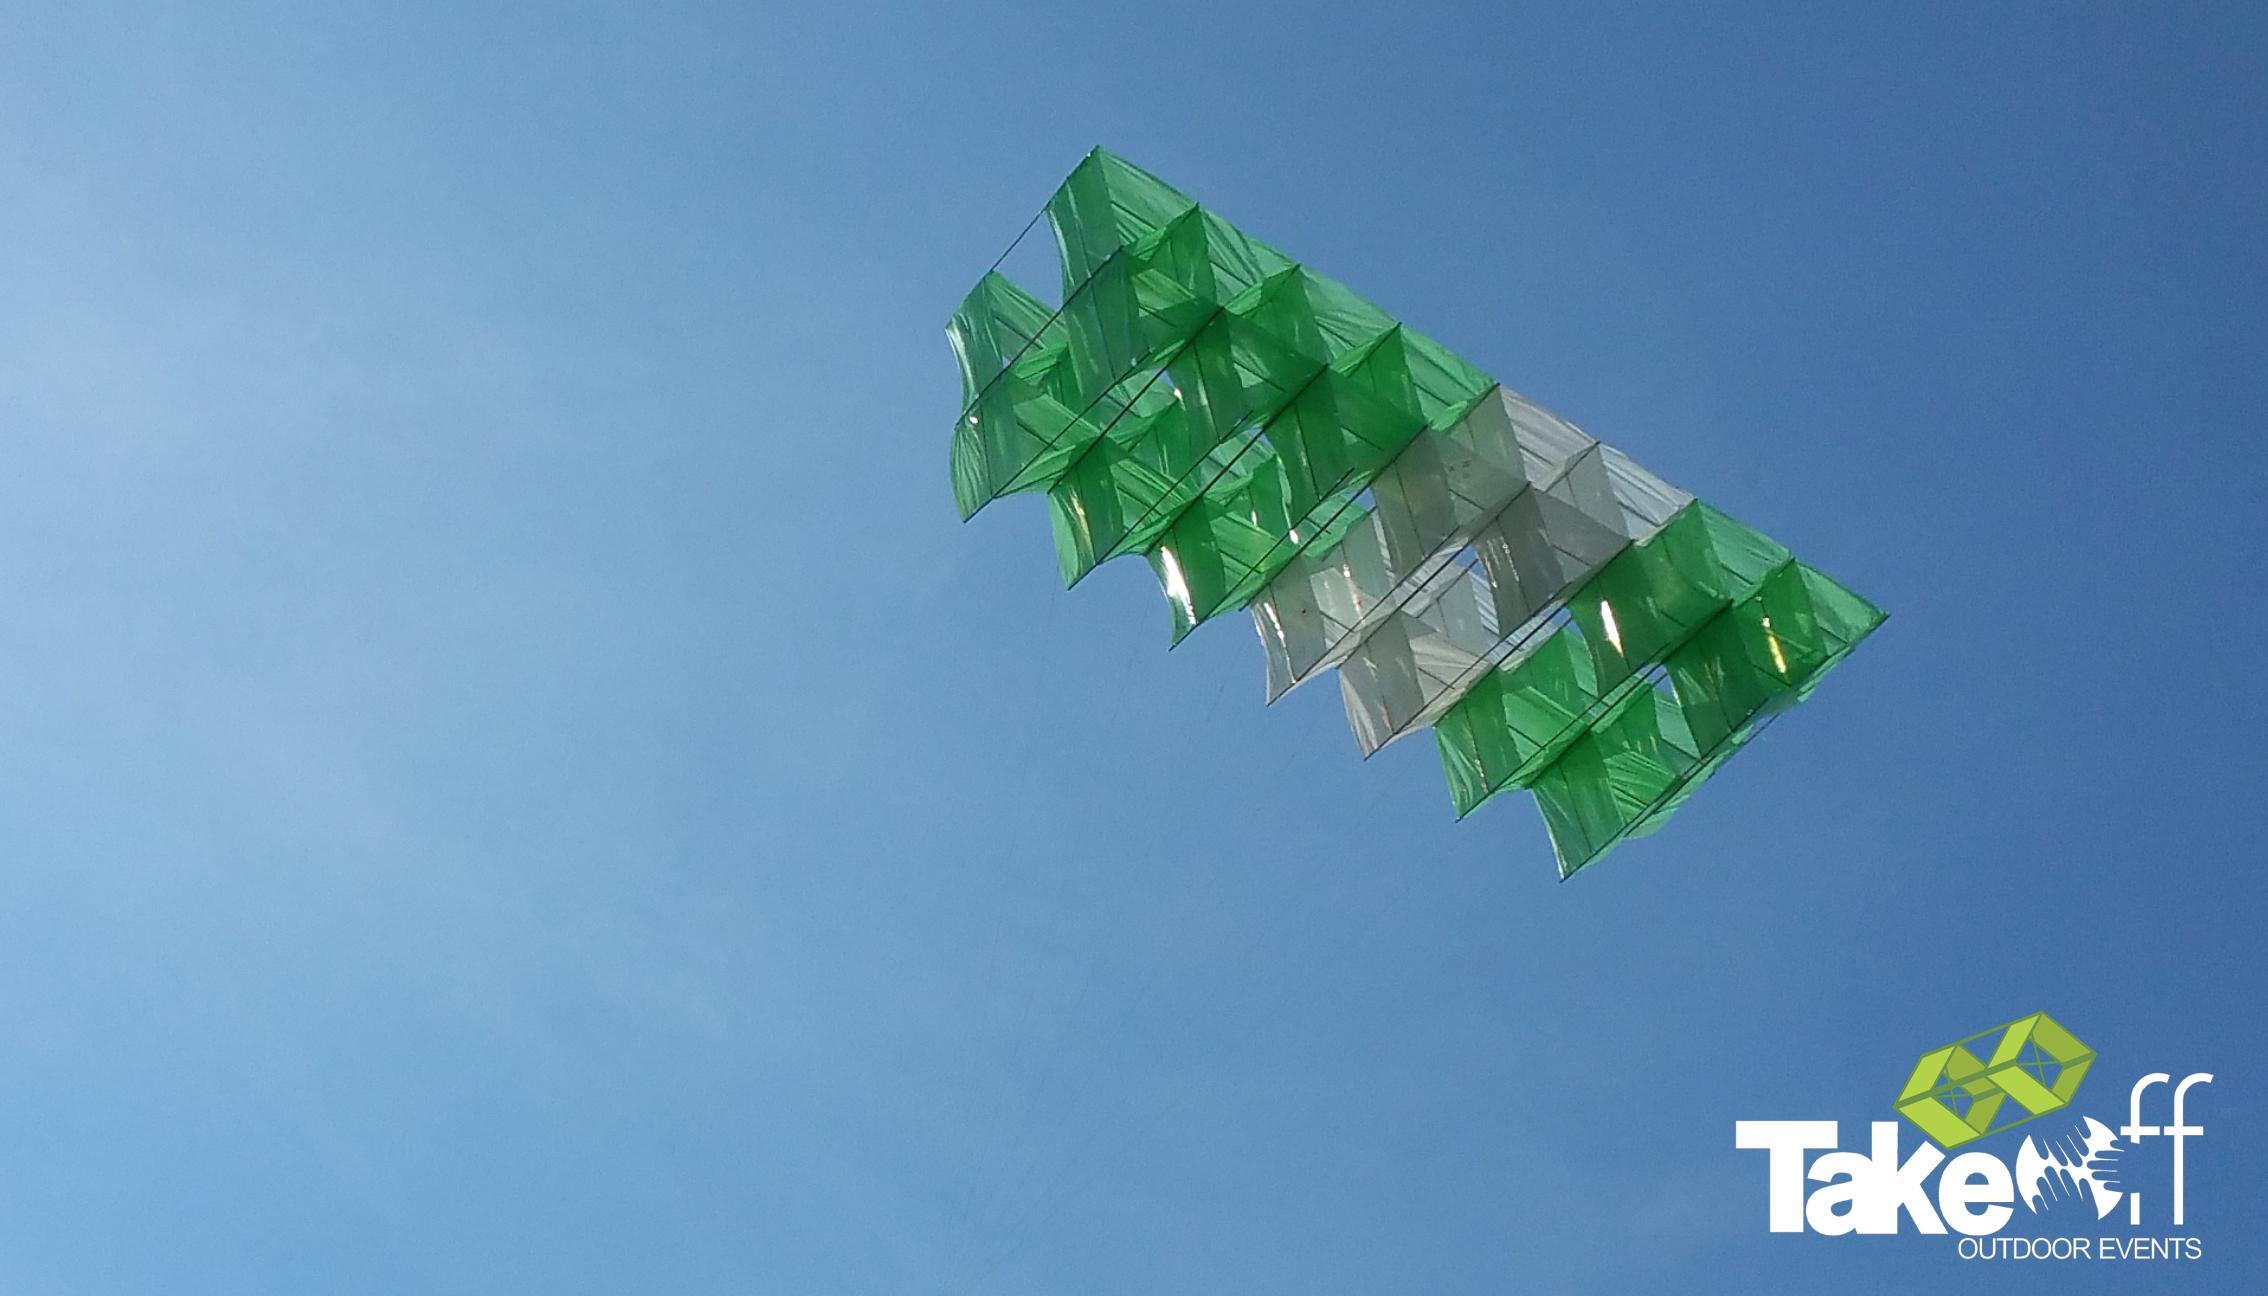 Megavlieger hoog in de lucht boven Twente tijdens dit bedrijfsuitje voor Siemens.